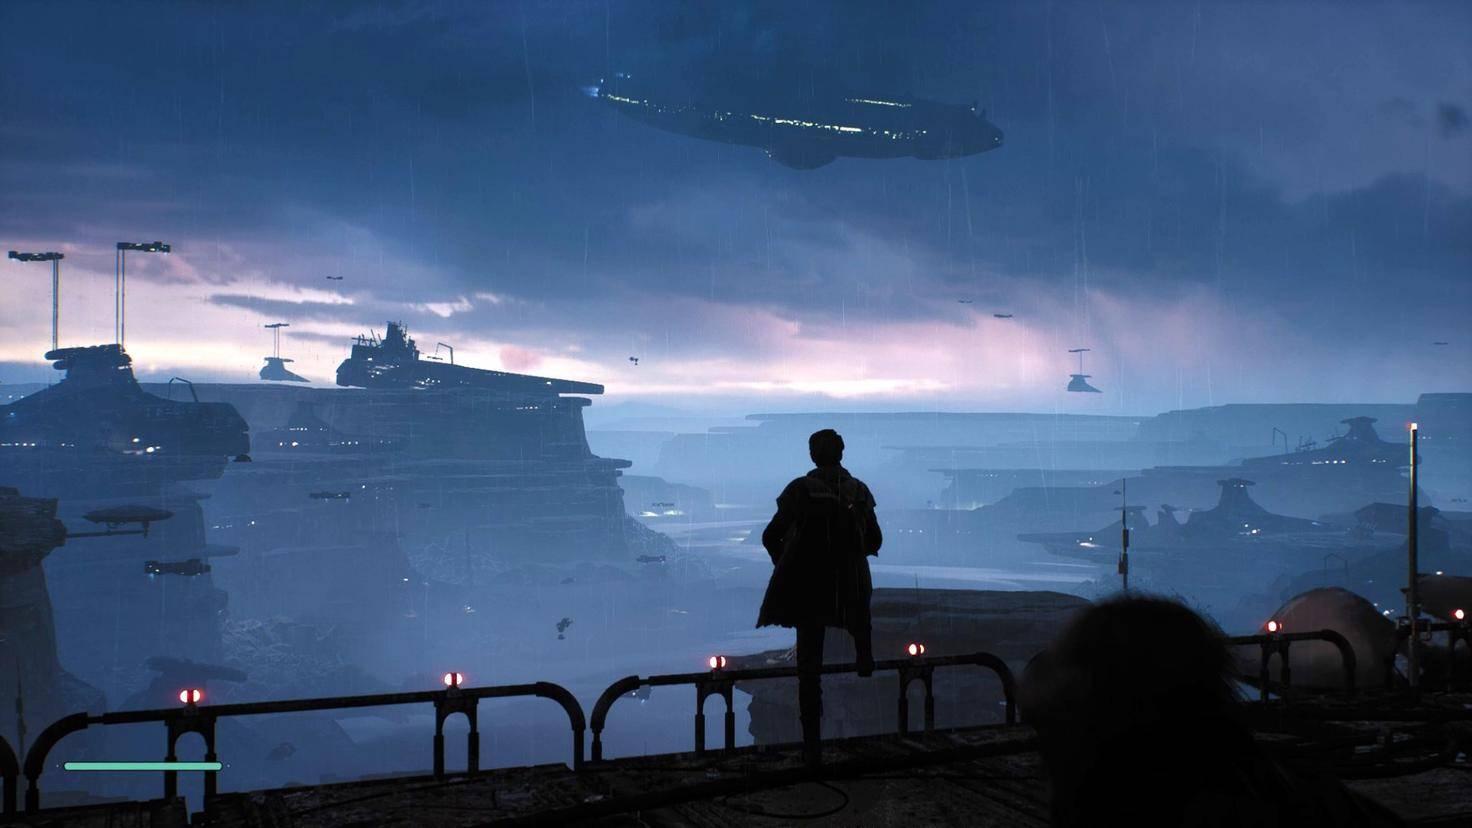 star-wars-jedi-fallen-order-cutscene-screenshot